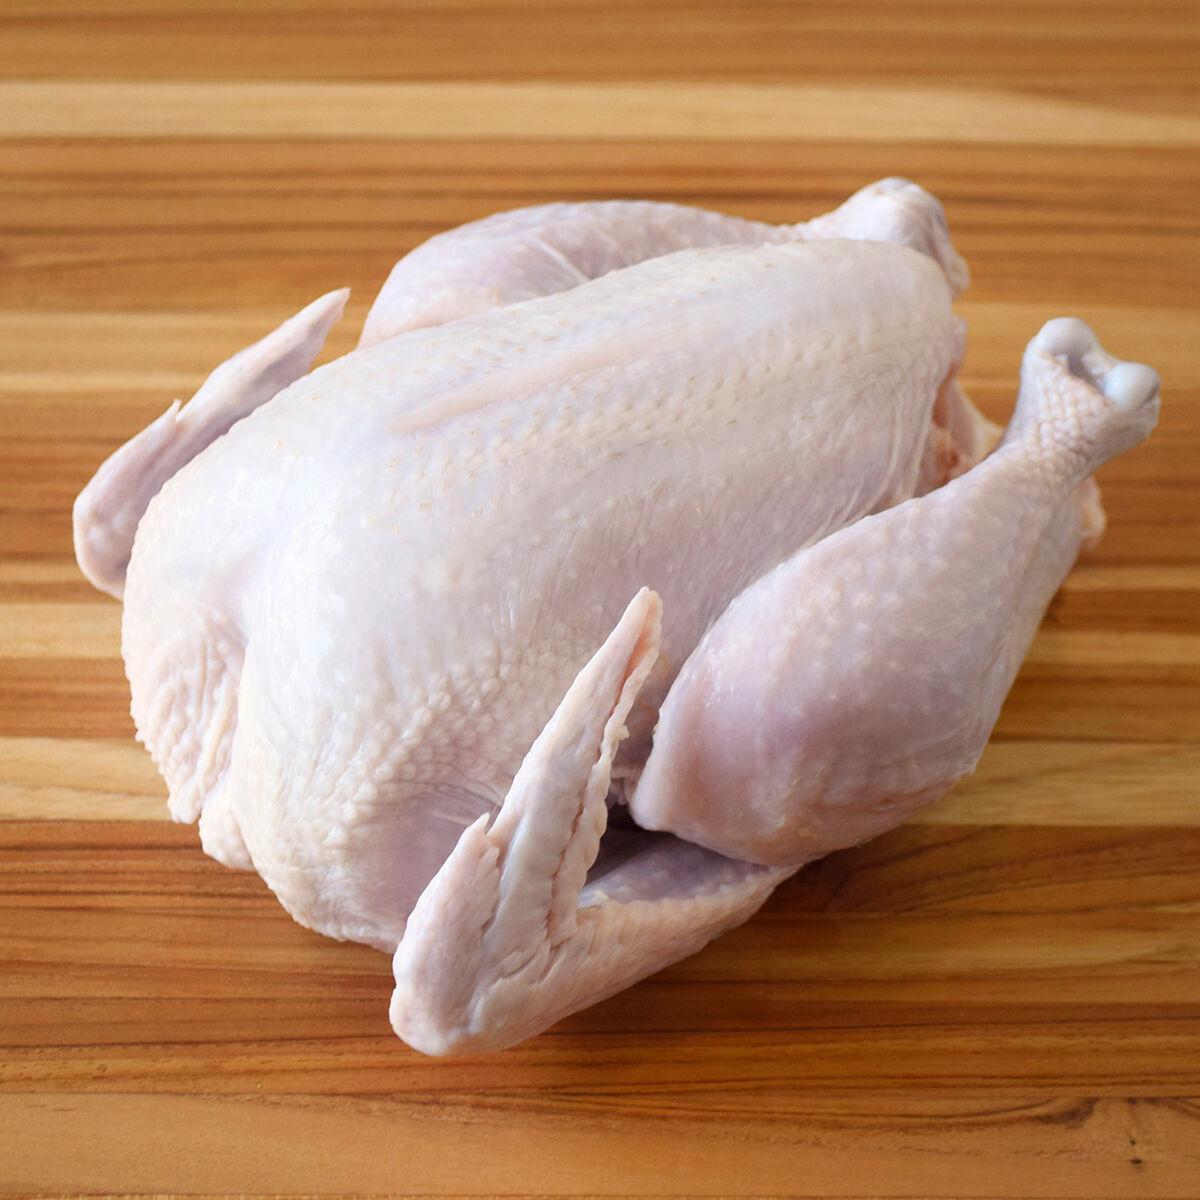 D'Artagnan Organic Chicken, Whole: Fresh (2.5-3.5 lbs avg. each)  by D'Artagnan